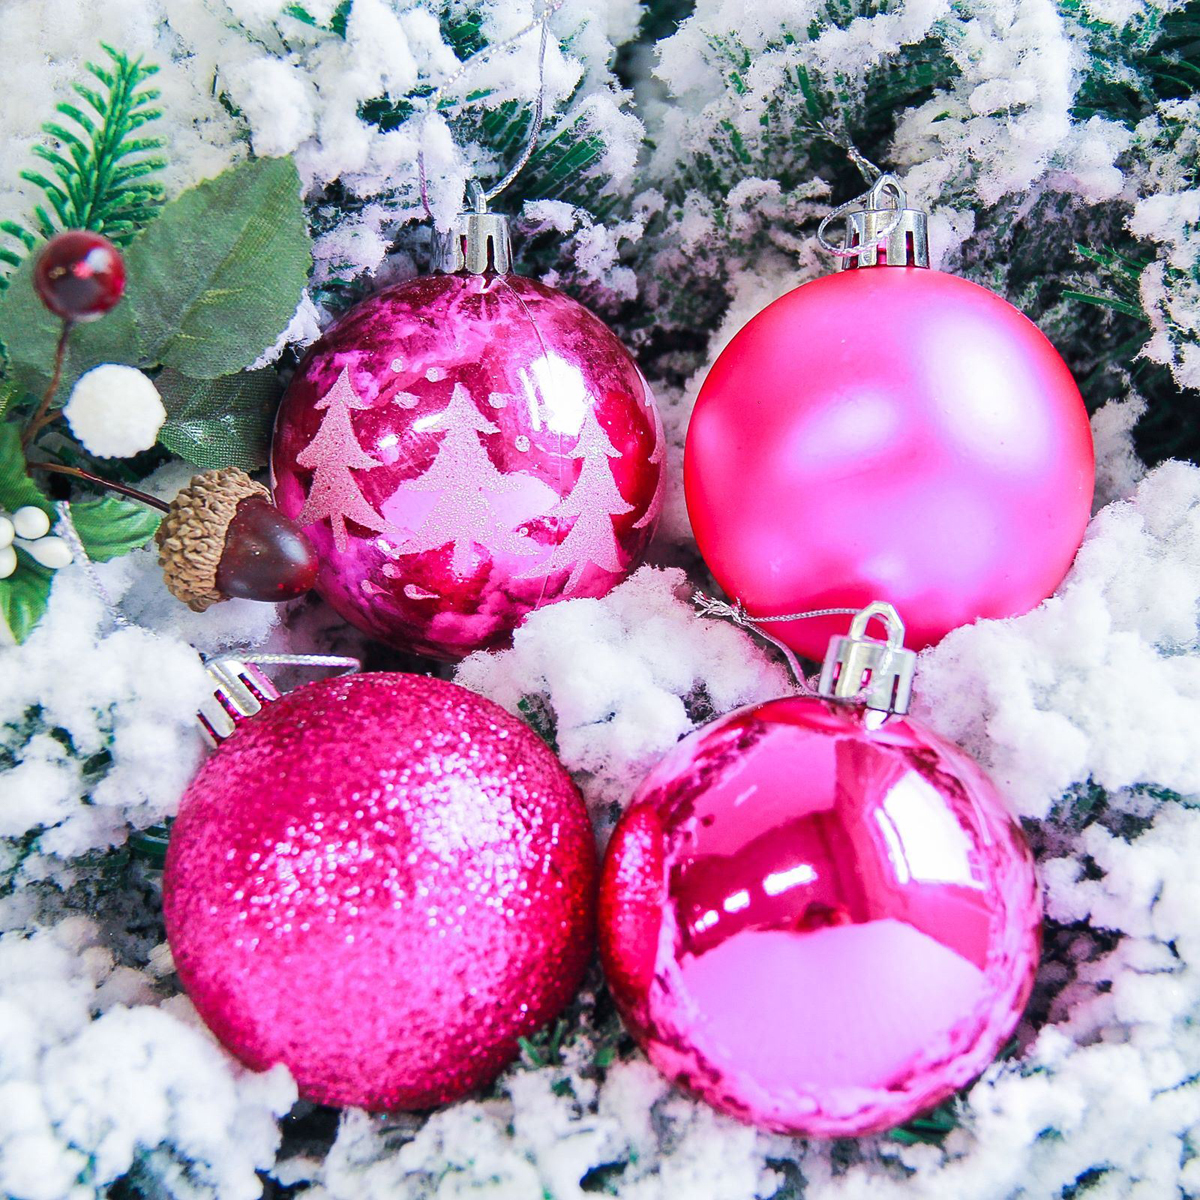 Набор новогодних подвесных украшений Sima-land Грациозо, цвет: малиновый, диаметр 6 см, 16 шт свеча ароматизированная sima land лимон на подставке высота 6 см